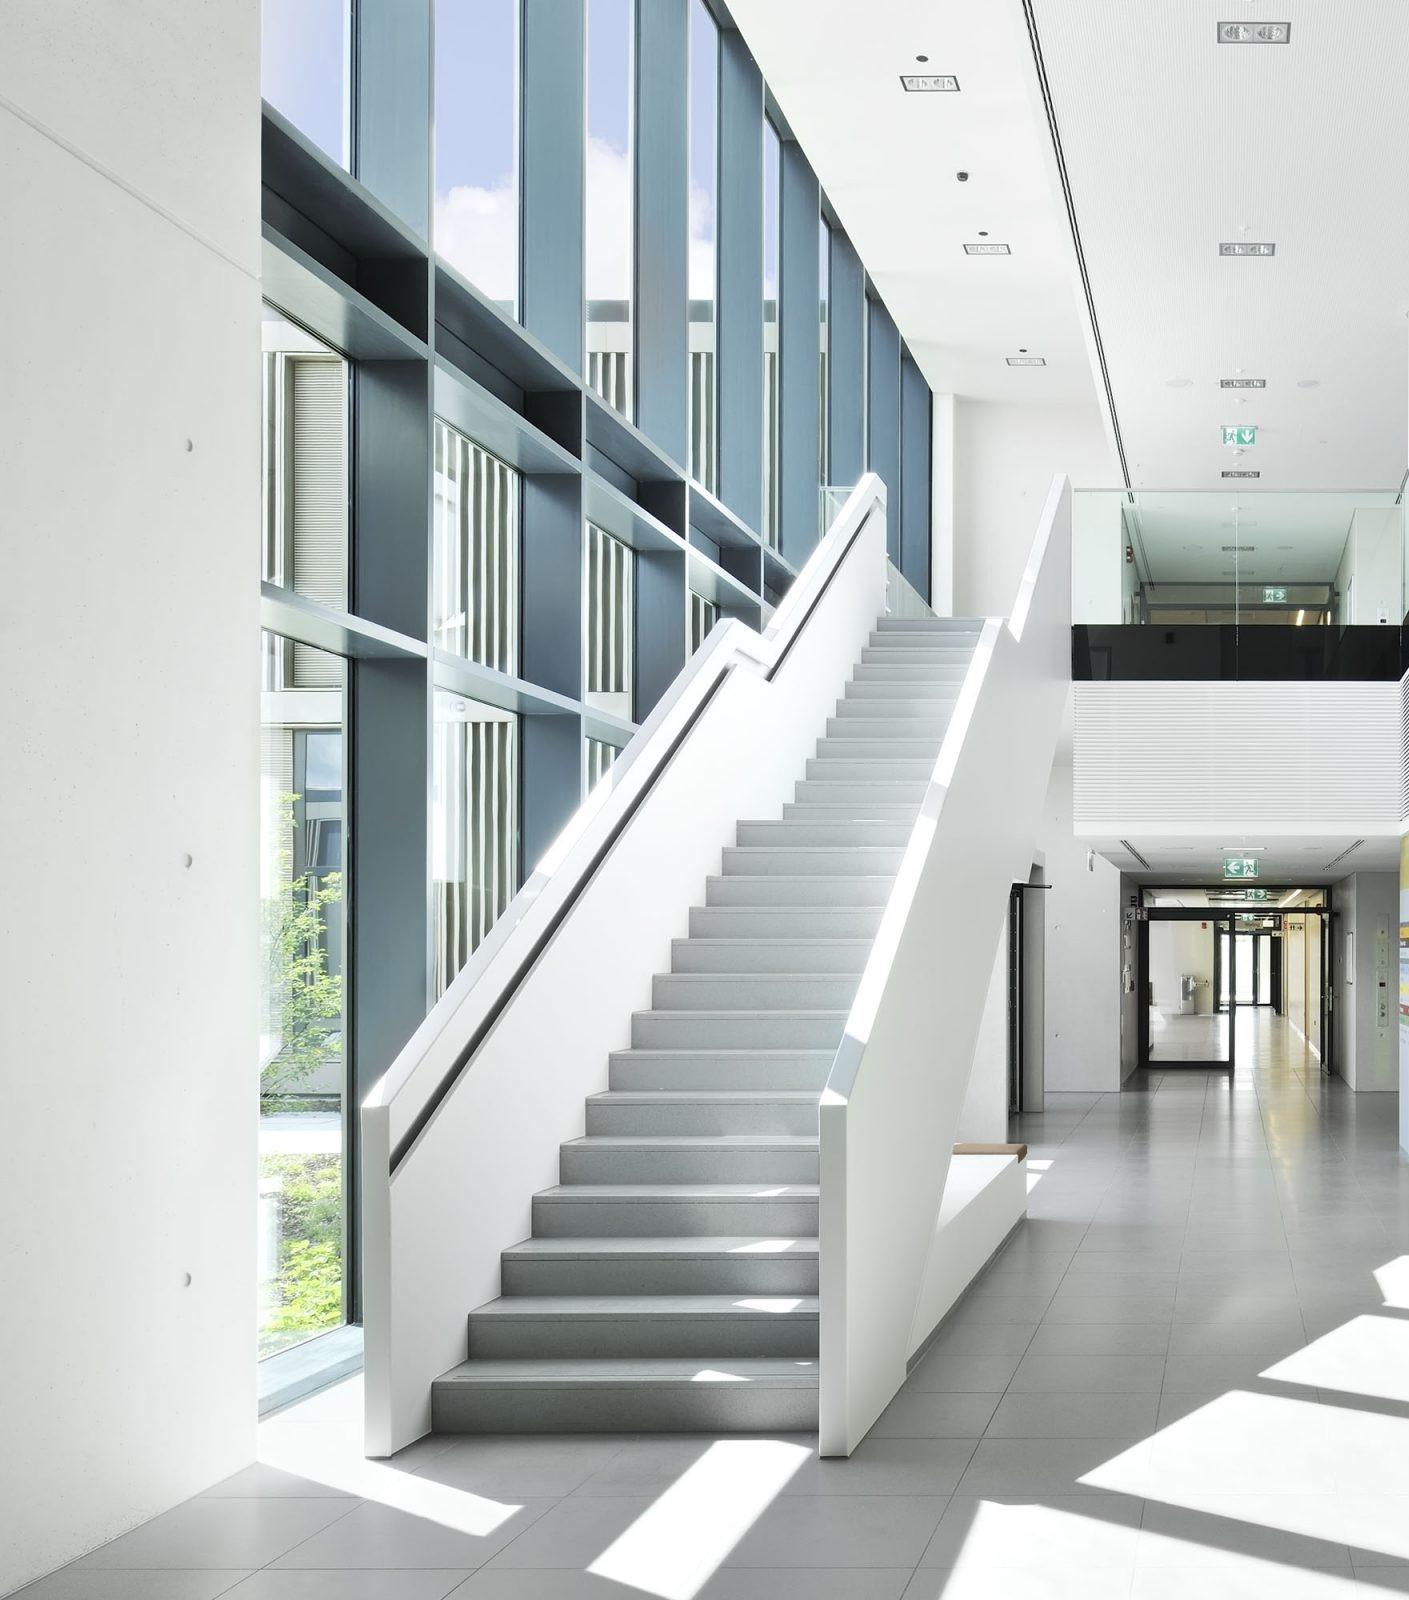 Bodenbelag Treppen Klinik Krankenhaus Büro Verwaltung Eingang Flur matt matter Bodenbelag grau